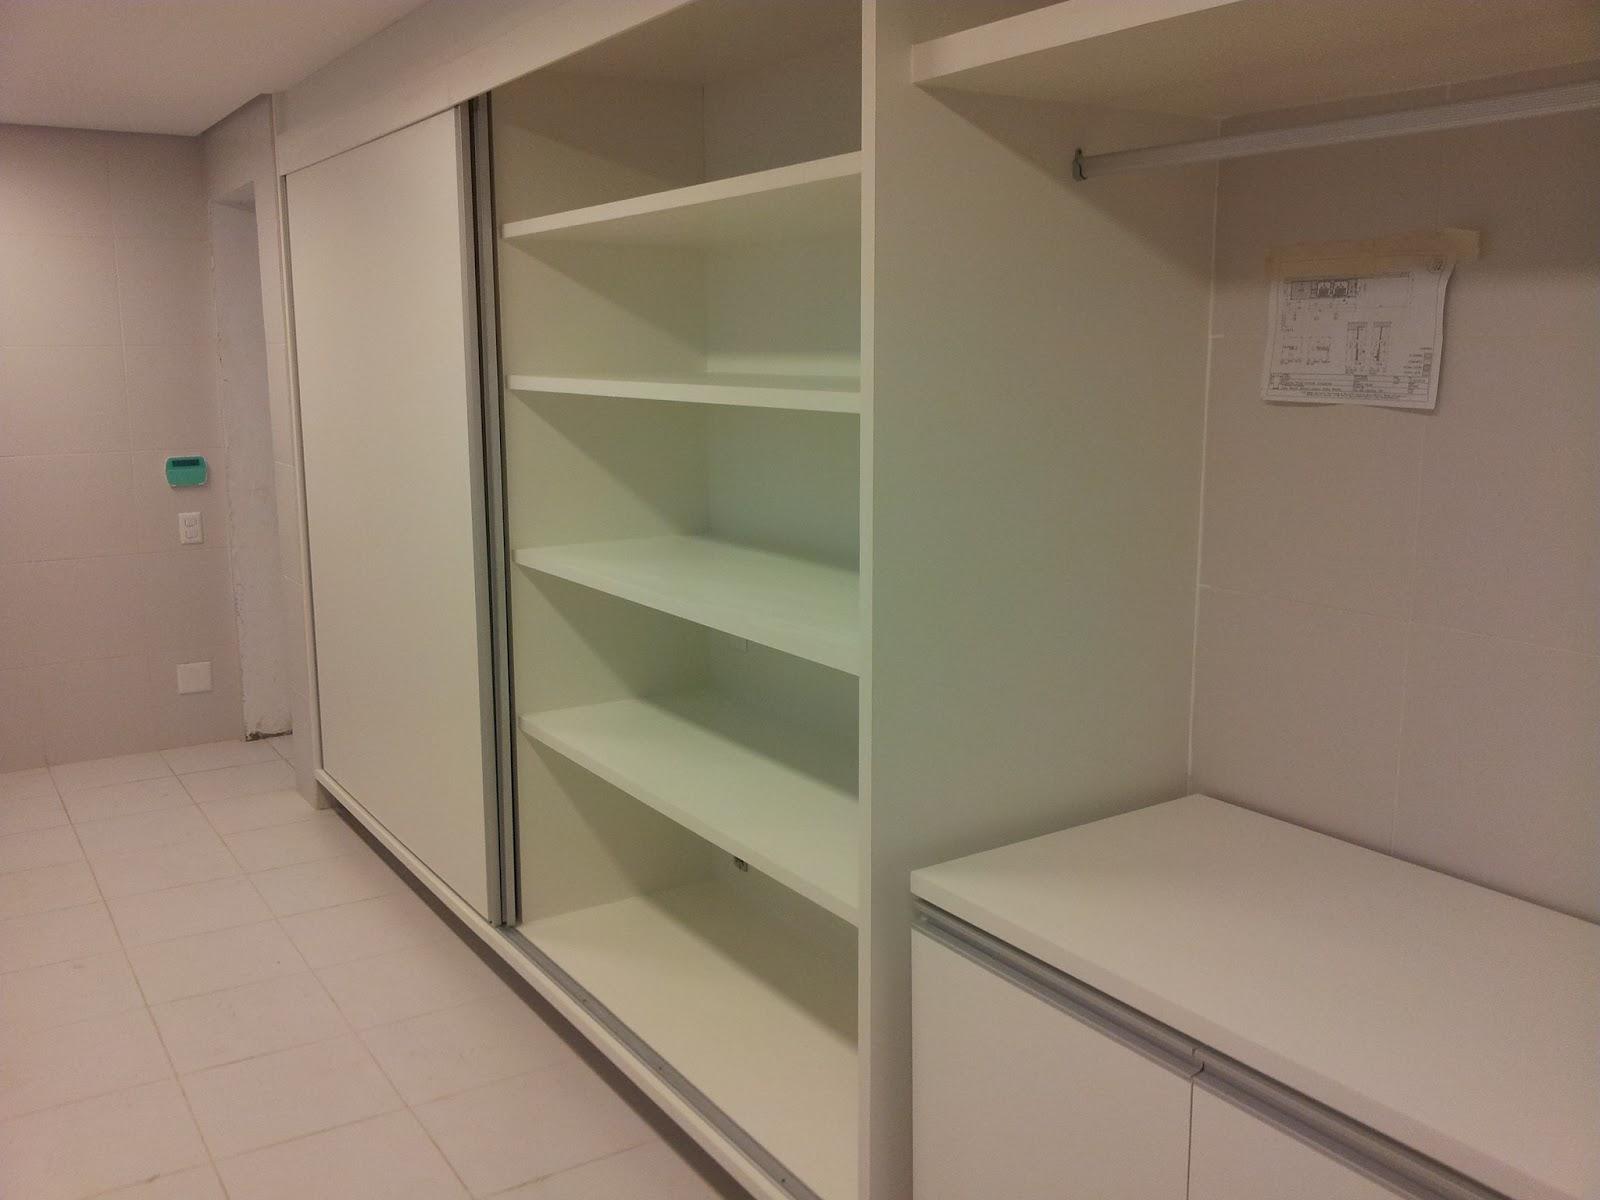 Armario Archivador Ikea ~ Móveis Planejados Armárioárea de serviço